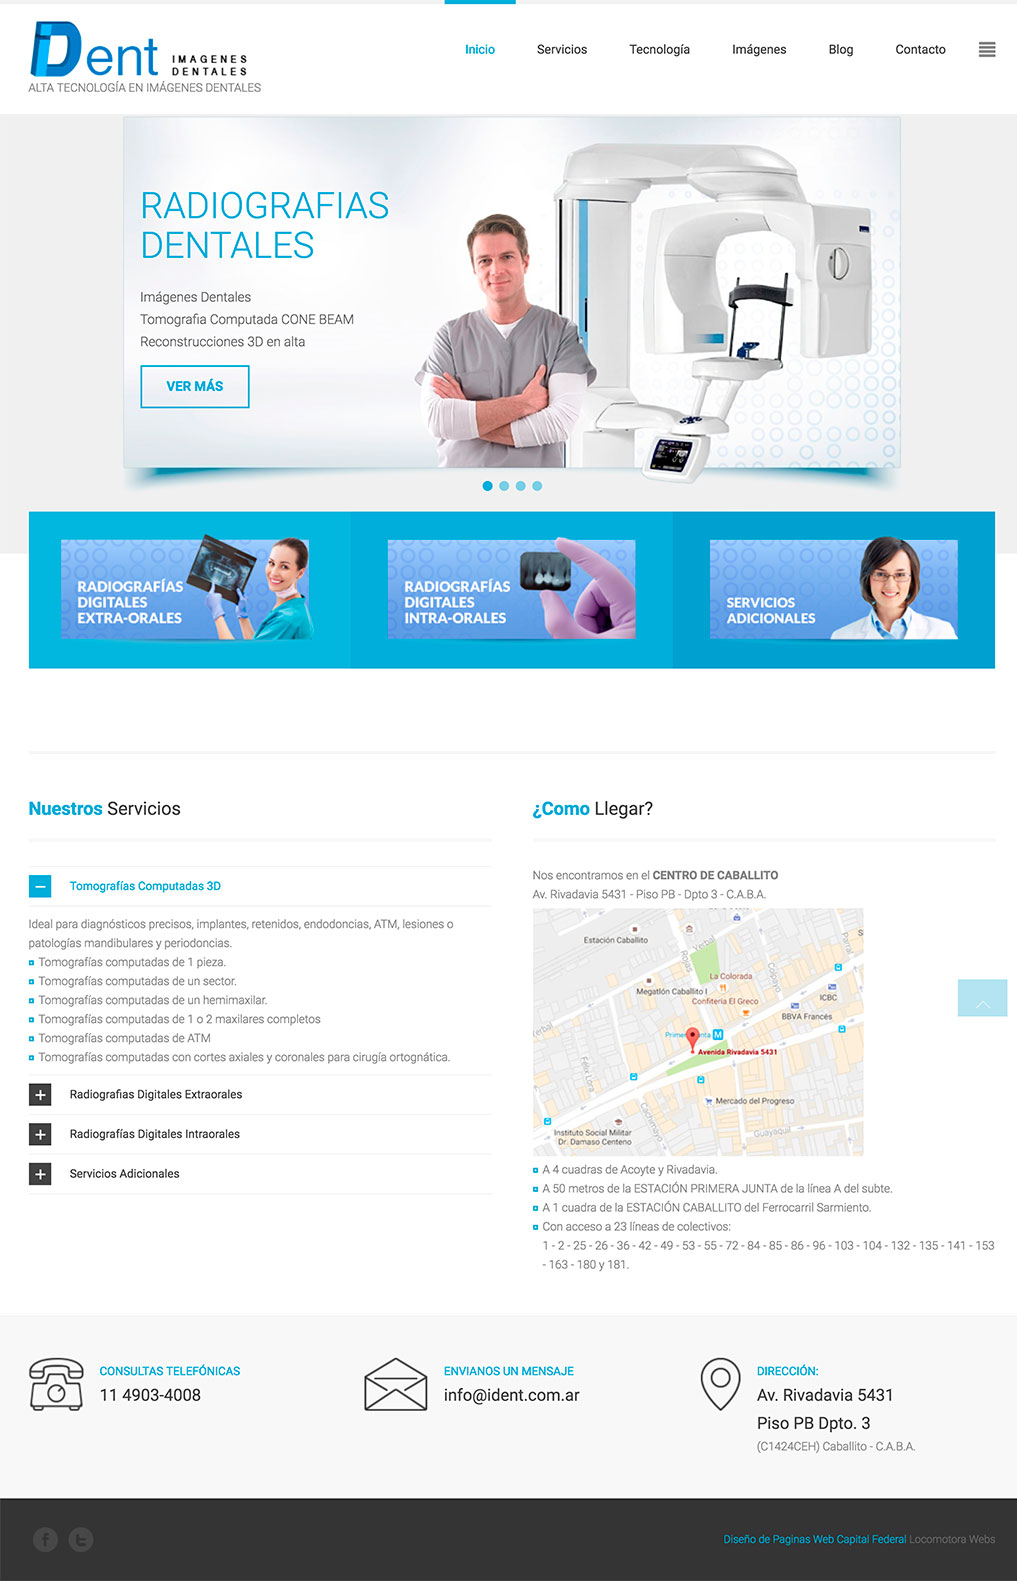 diseño de paginas web ident